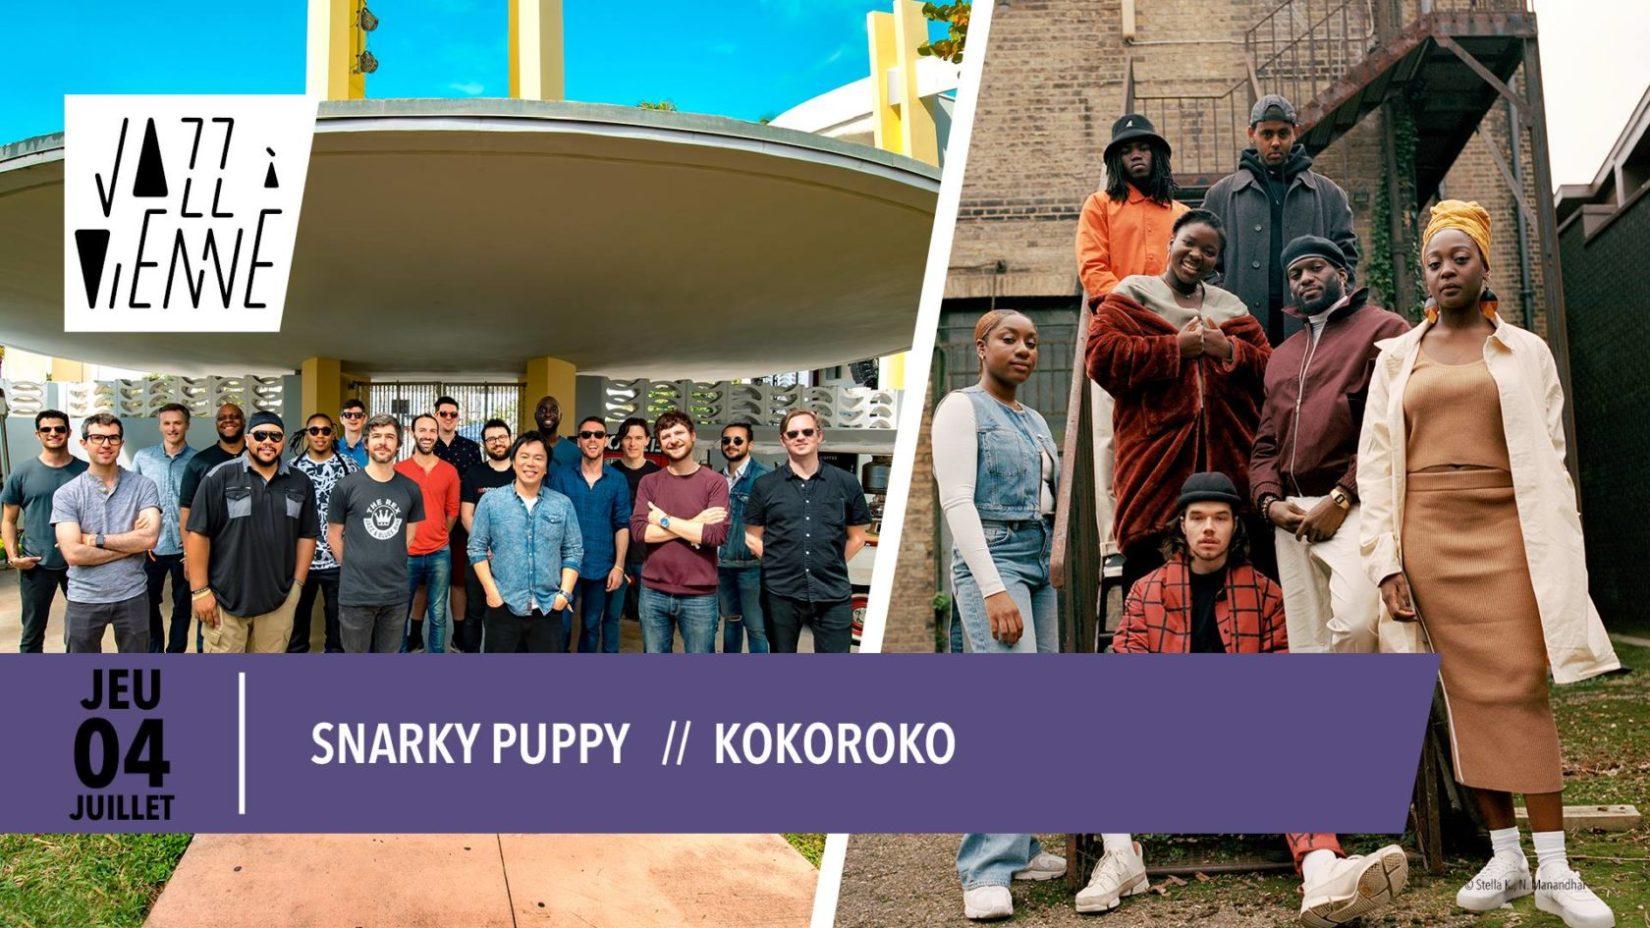 Snarky Puppy // Kokoroko • Jazz à Vienne 2019